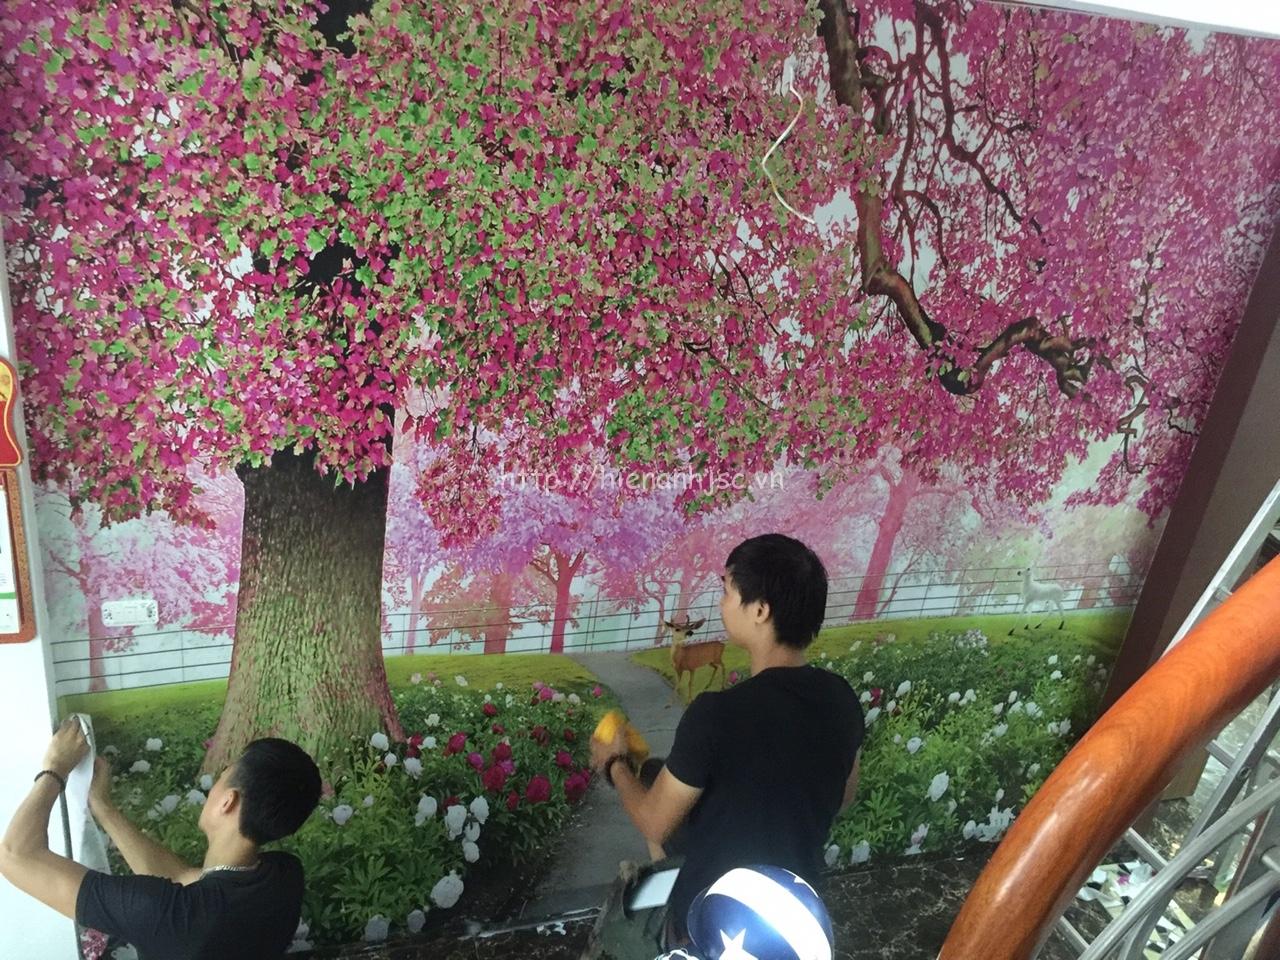 Thi công tranh tường 3D hoa đào tại TPHCM